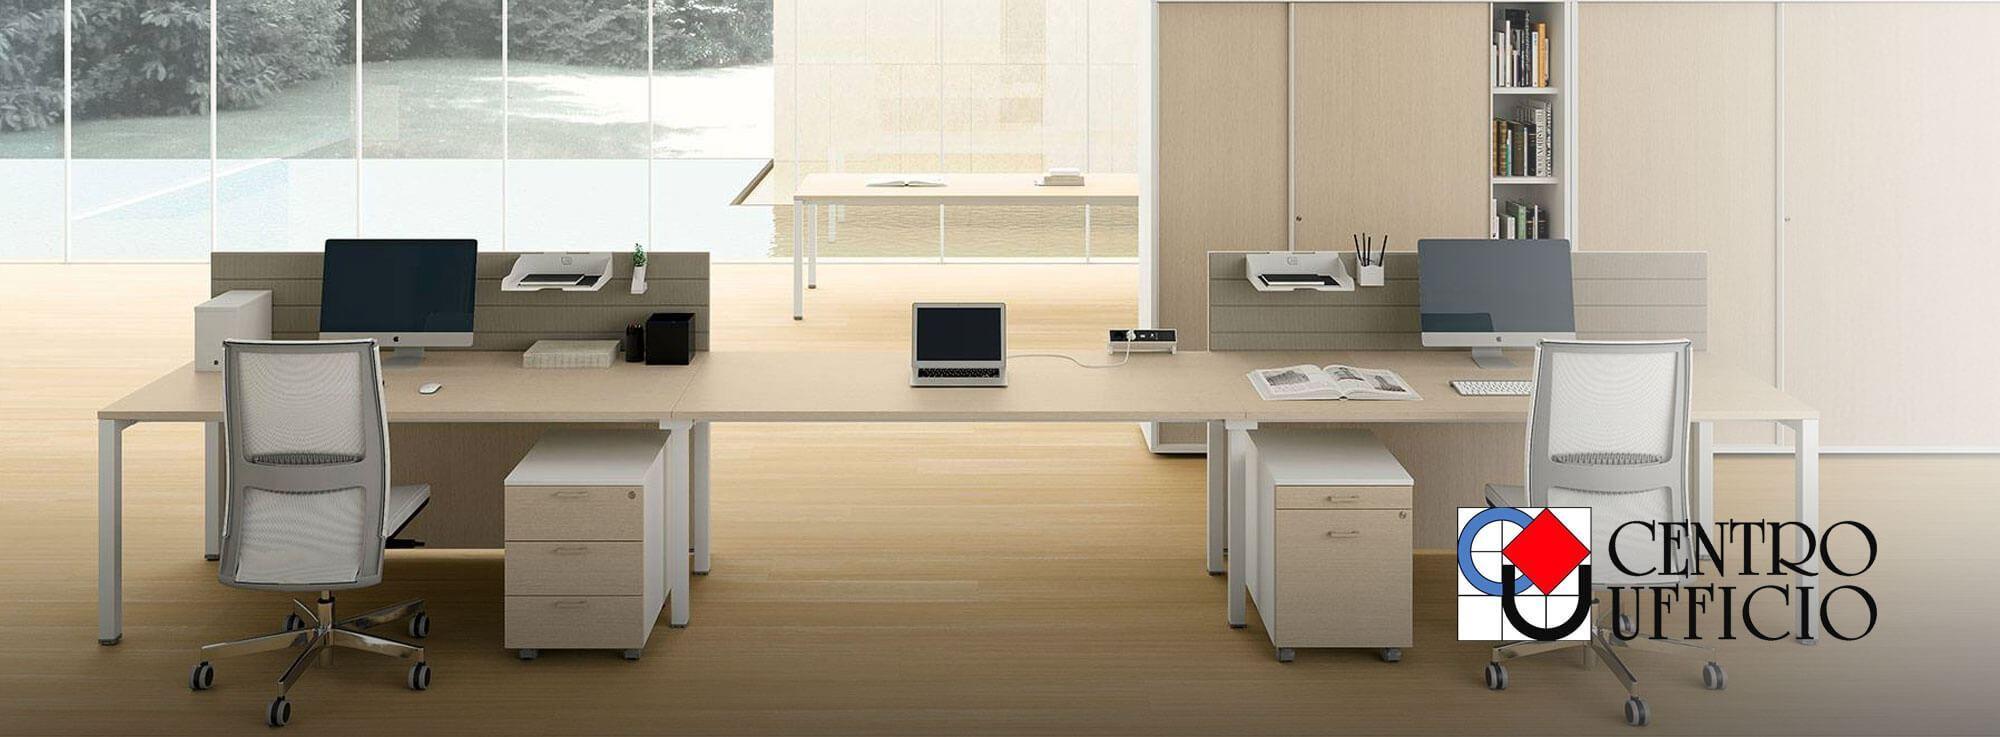 Centro ufficio barletta bt progettazione e for Ufficio lavoro